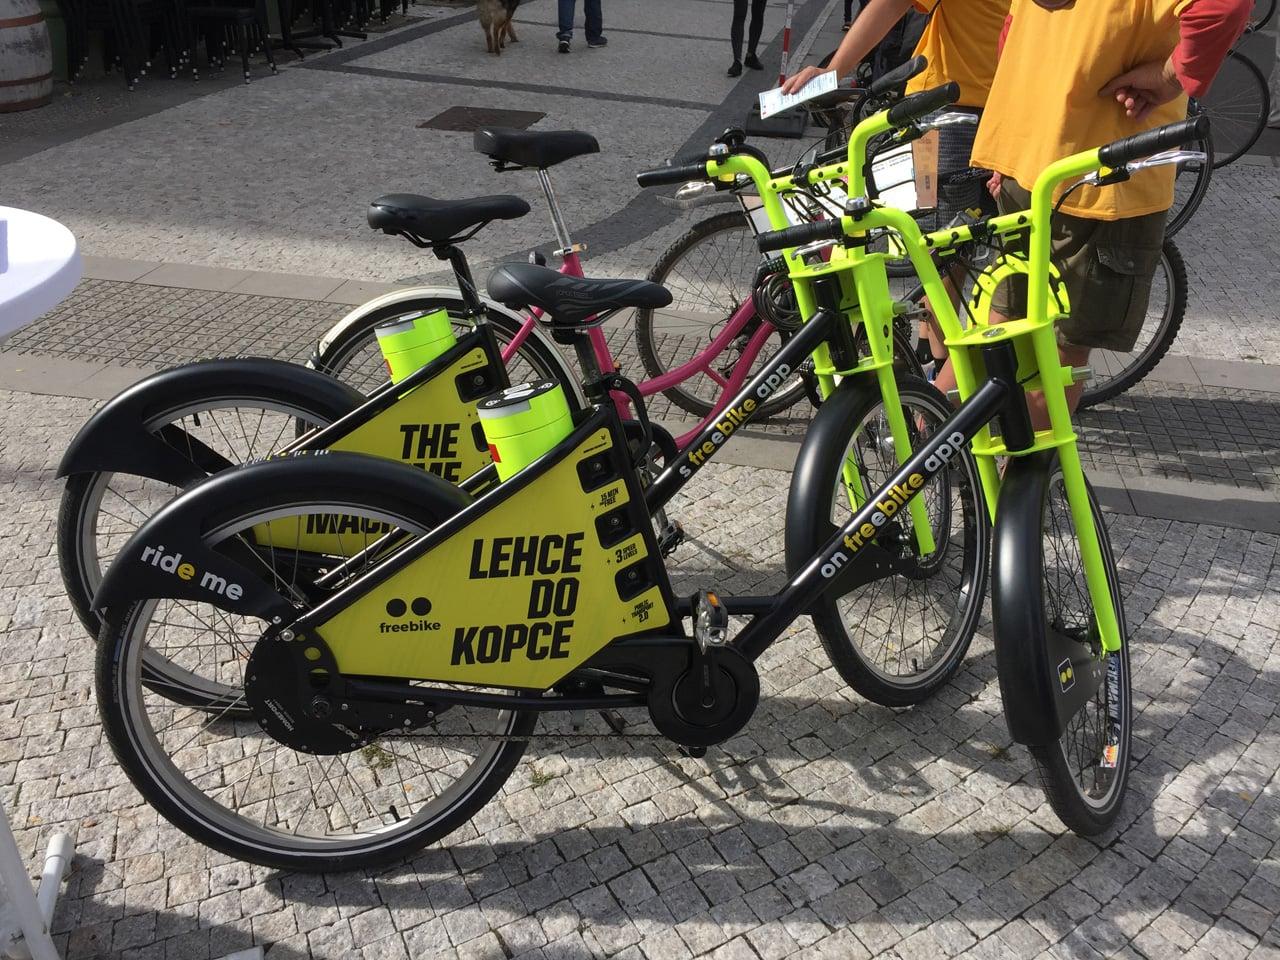 V Praze začne jezdit Freebike, bike sharing s elektrickými koly